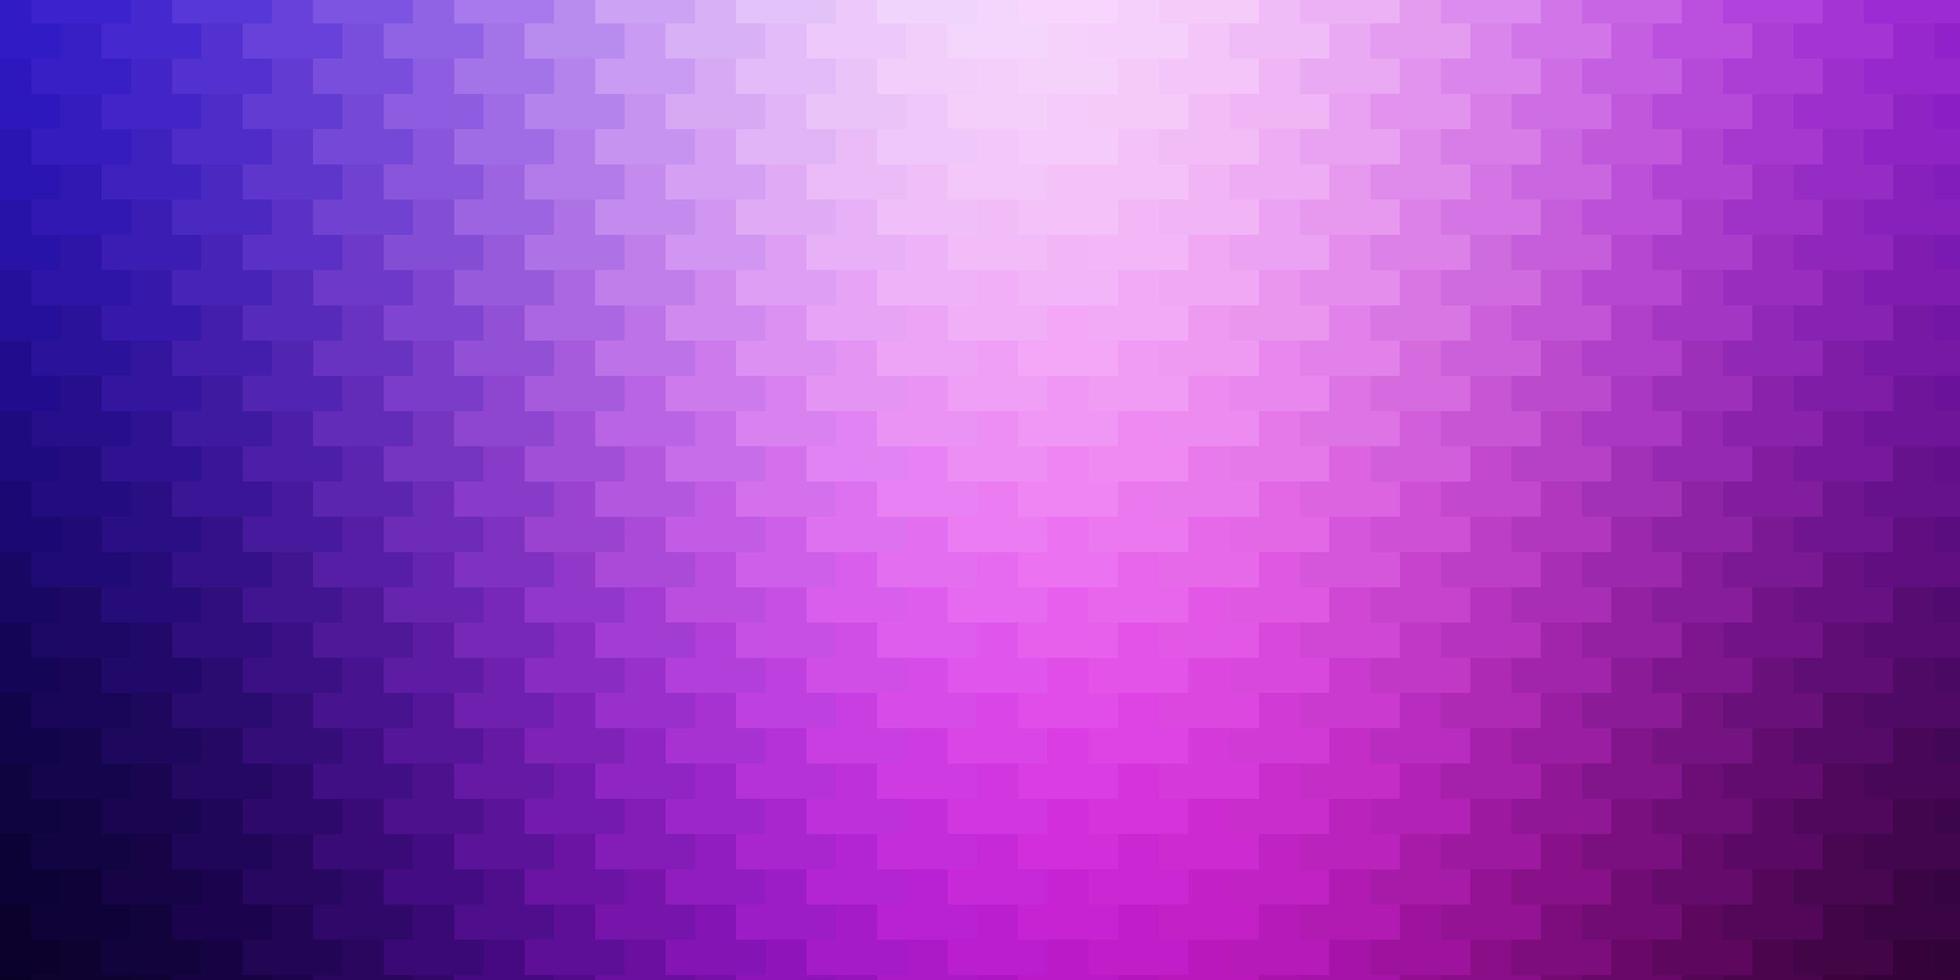 modello vettoriale viola chiaro, rosa in stile quadrato.